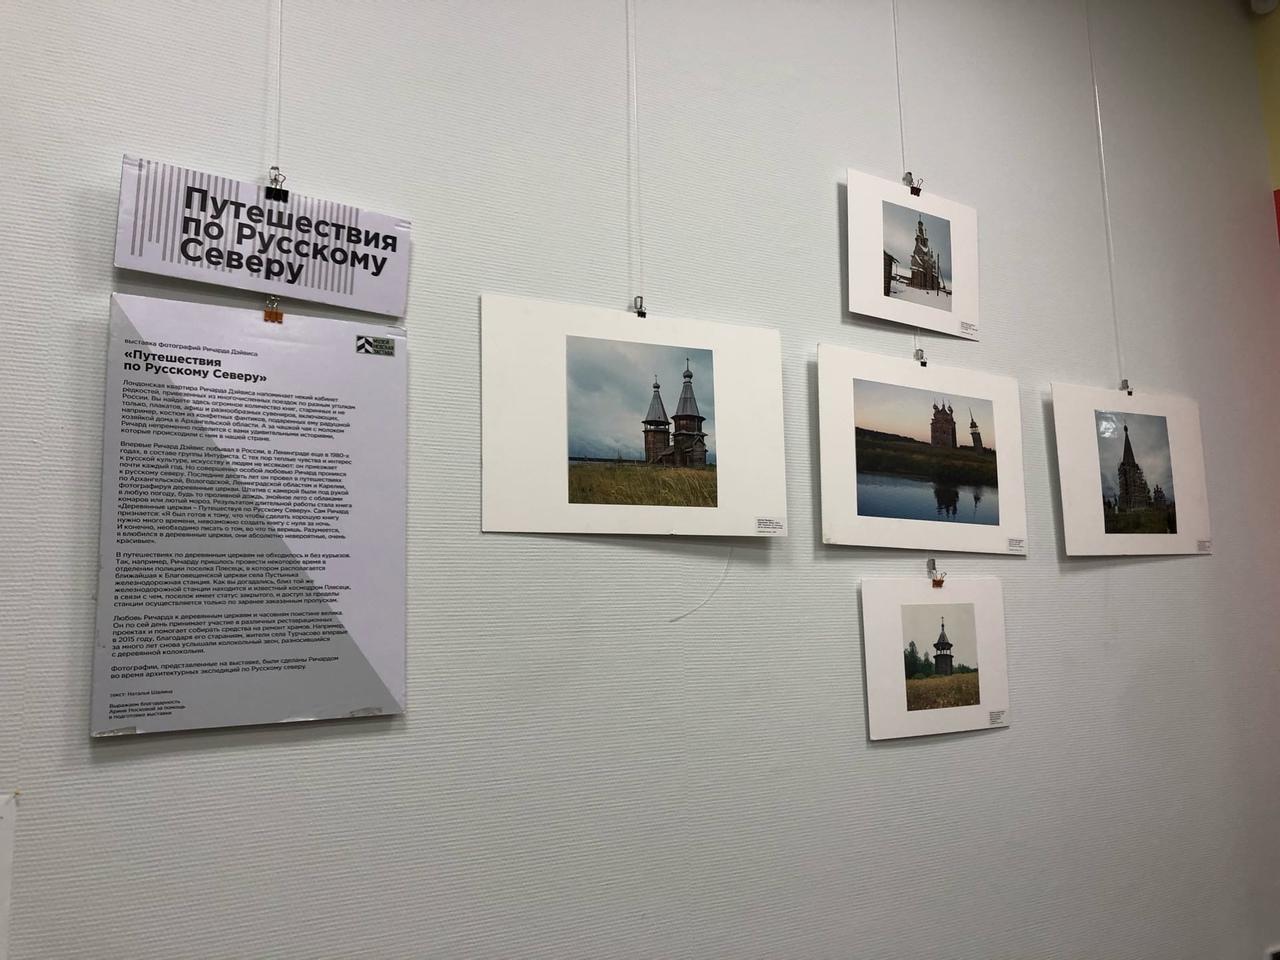 💥Мы открыли выставку фотографа Ричарда Дэйвиса «Путешествия по Русскому Северу»...